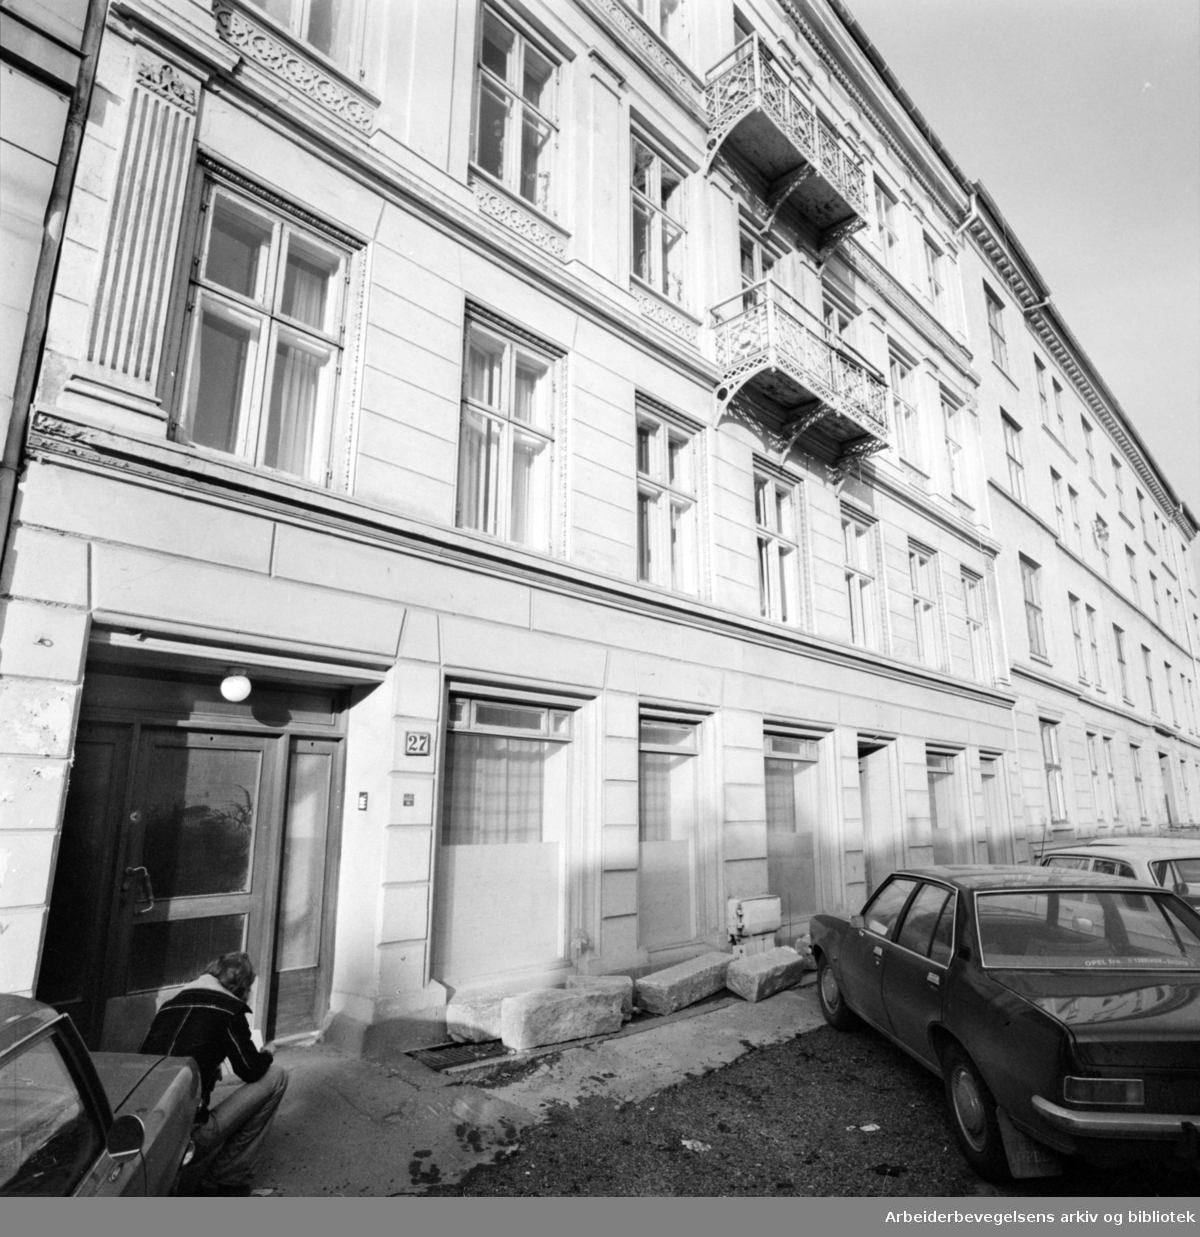 Holbergs gate. 11 leiligheter står tomme i Holbergs gate 27. November 1975